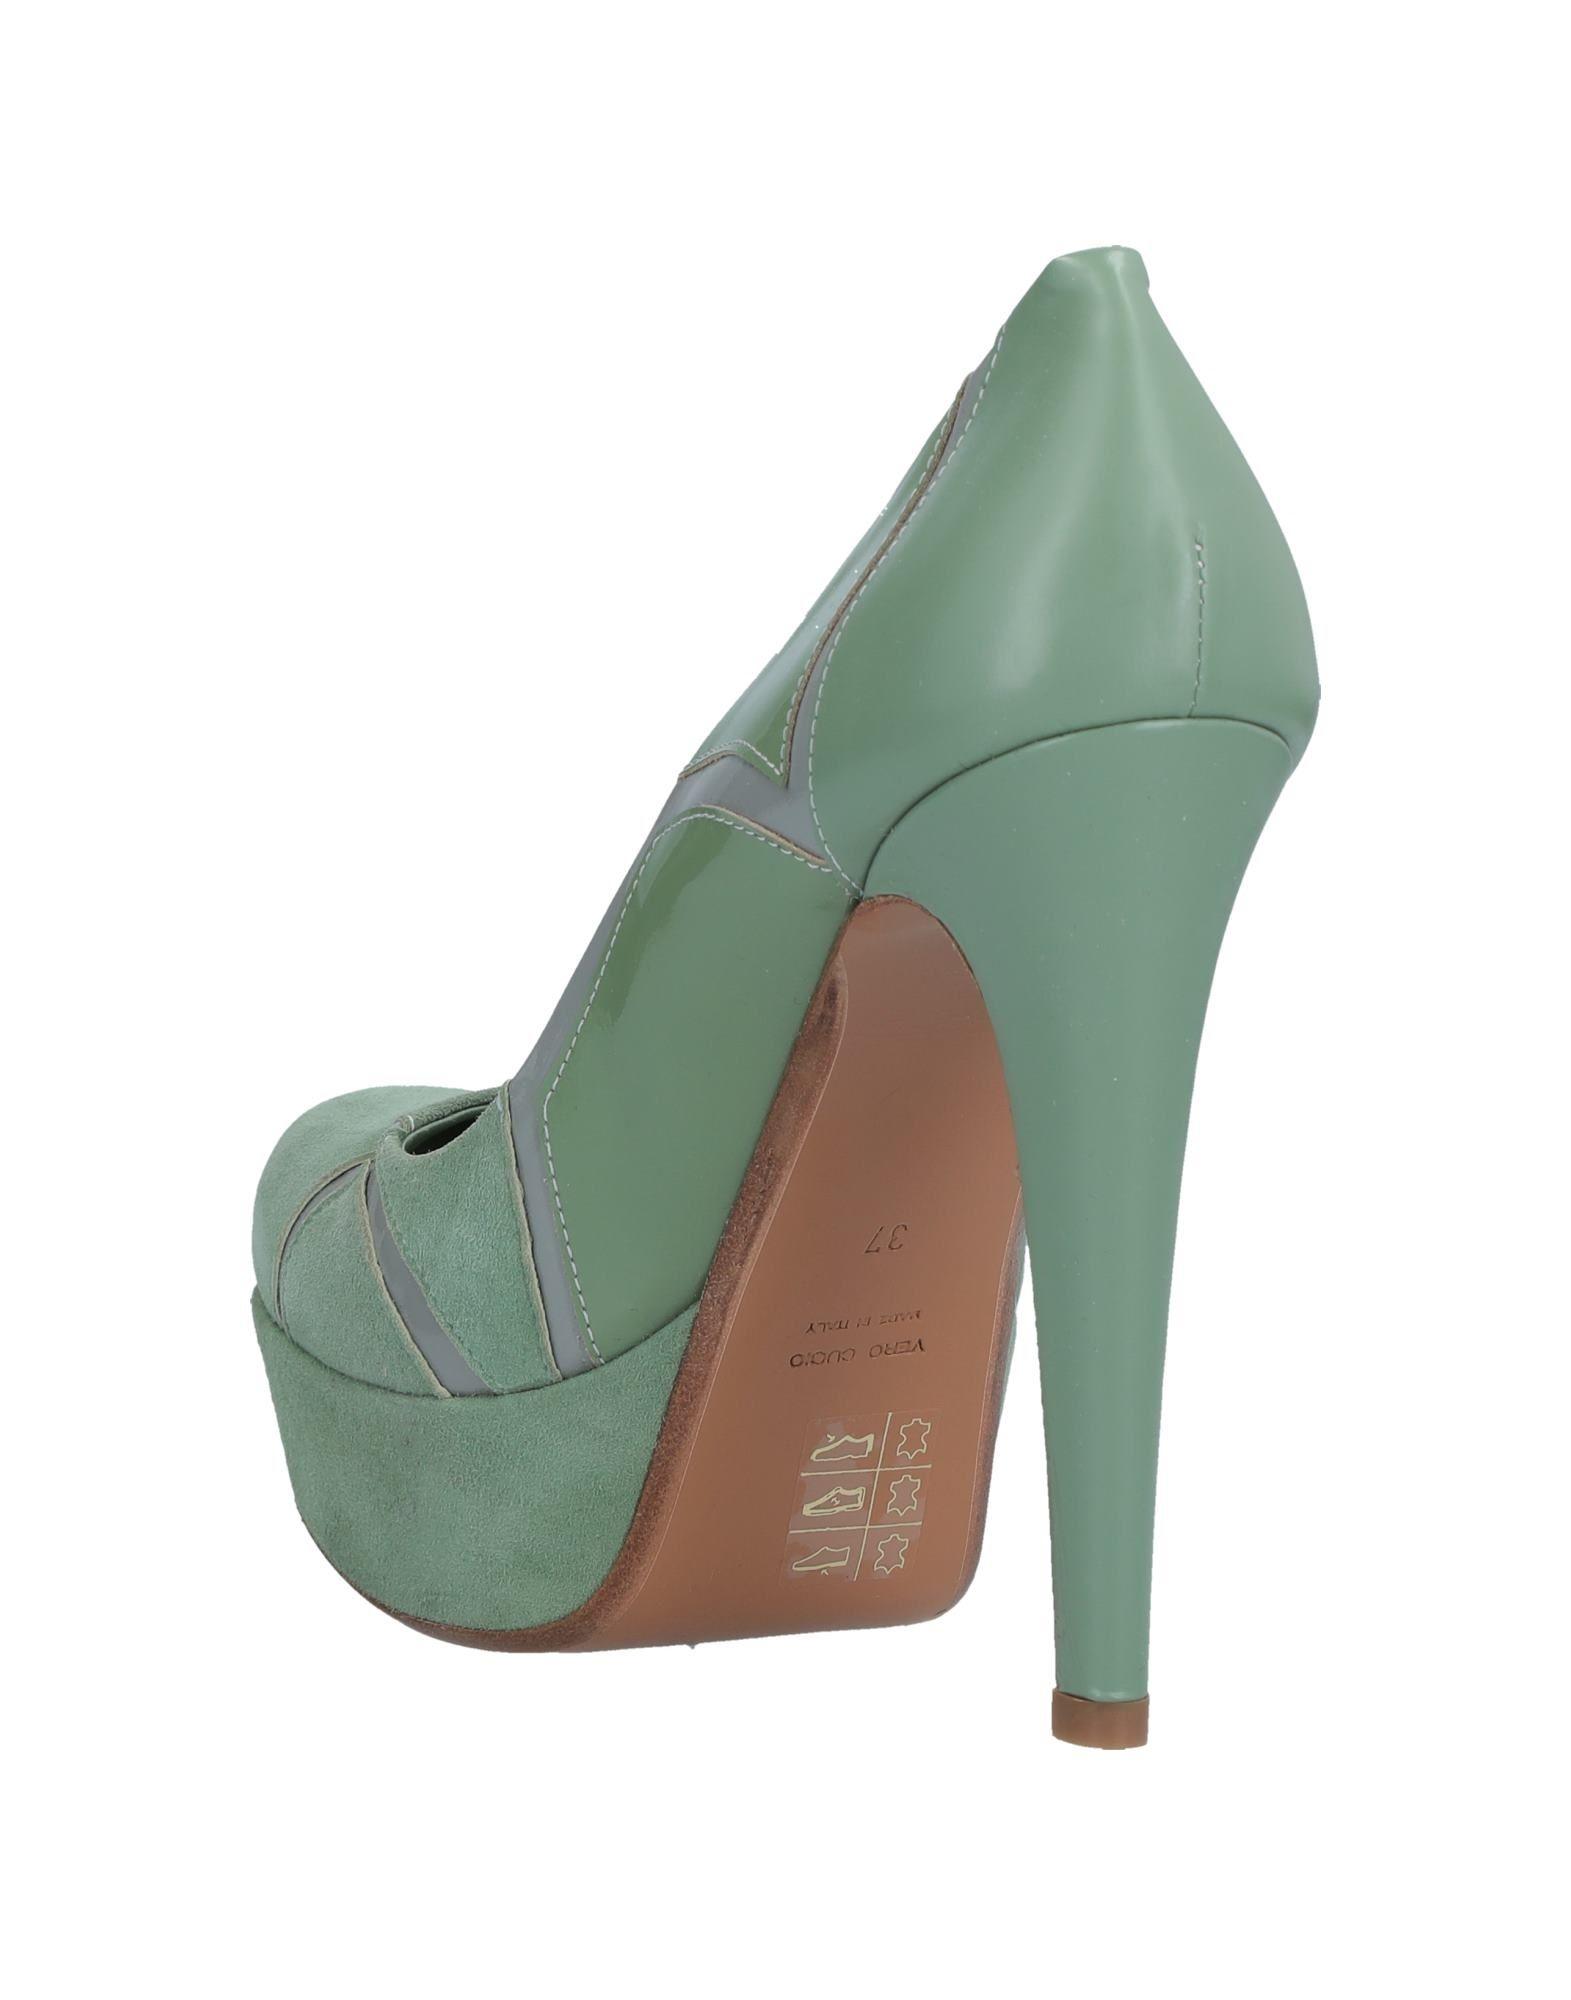 Fiorifrancesi Pumps Damen  11536092DV 11536092DV 11536092DV Gute Qualität beliebte Schuhe 5d1b63